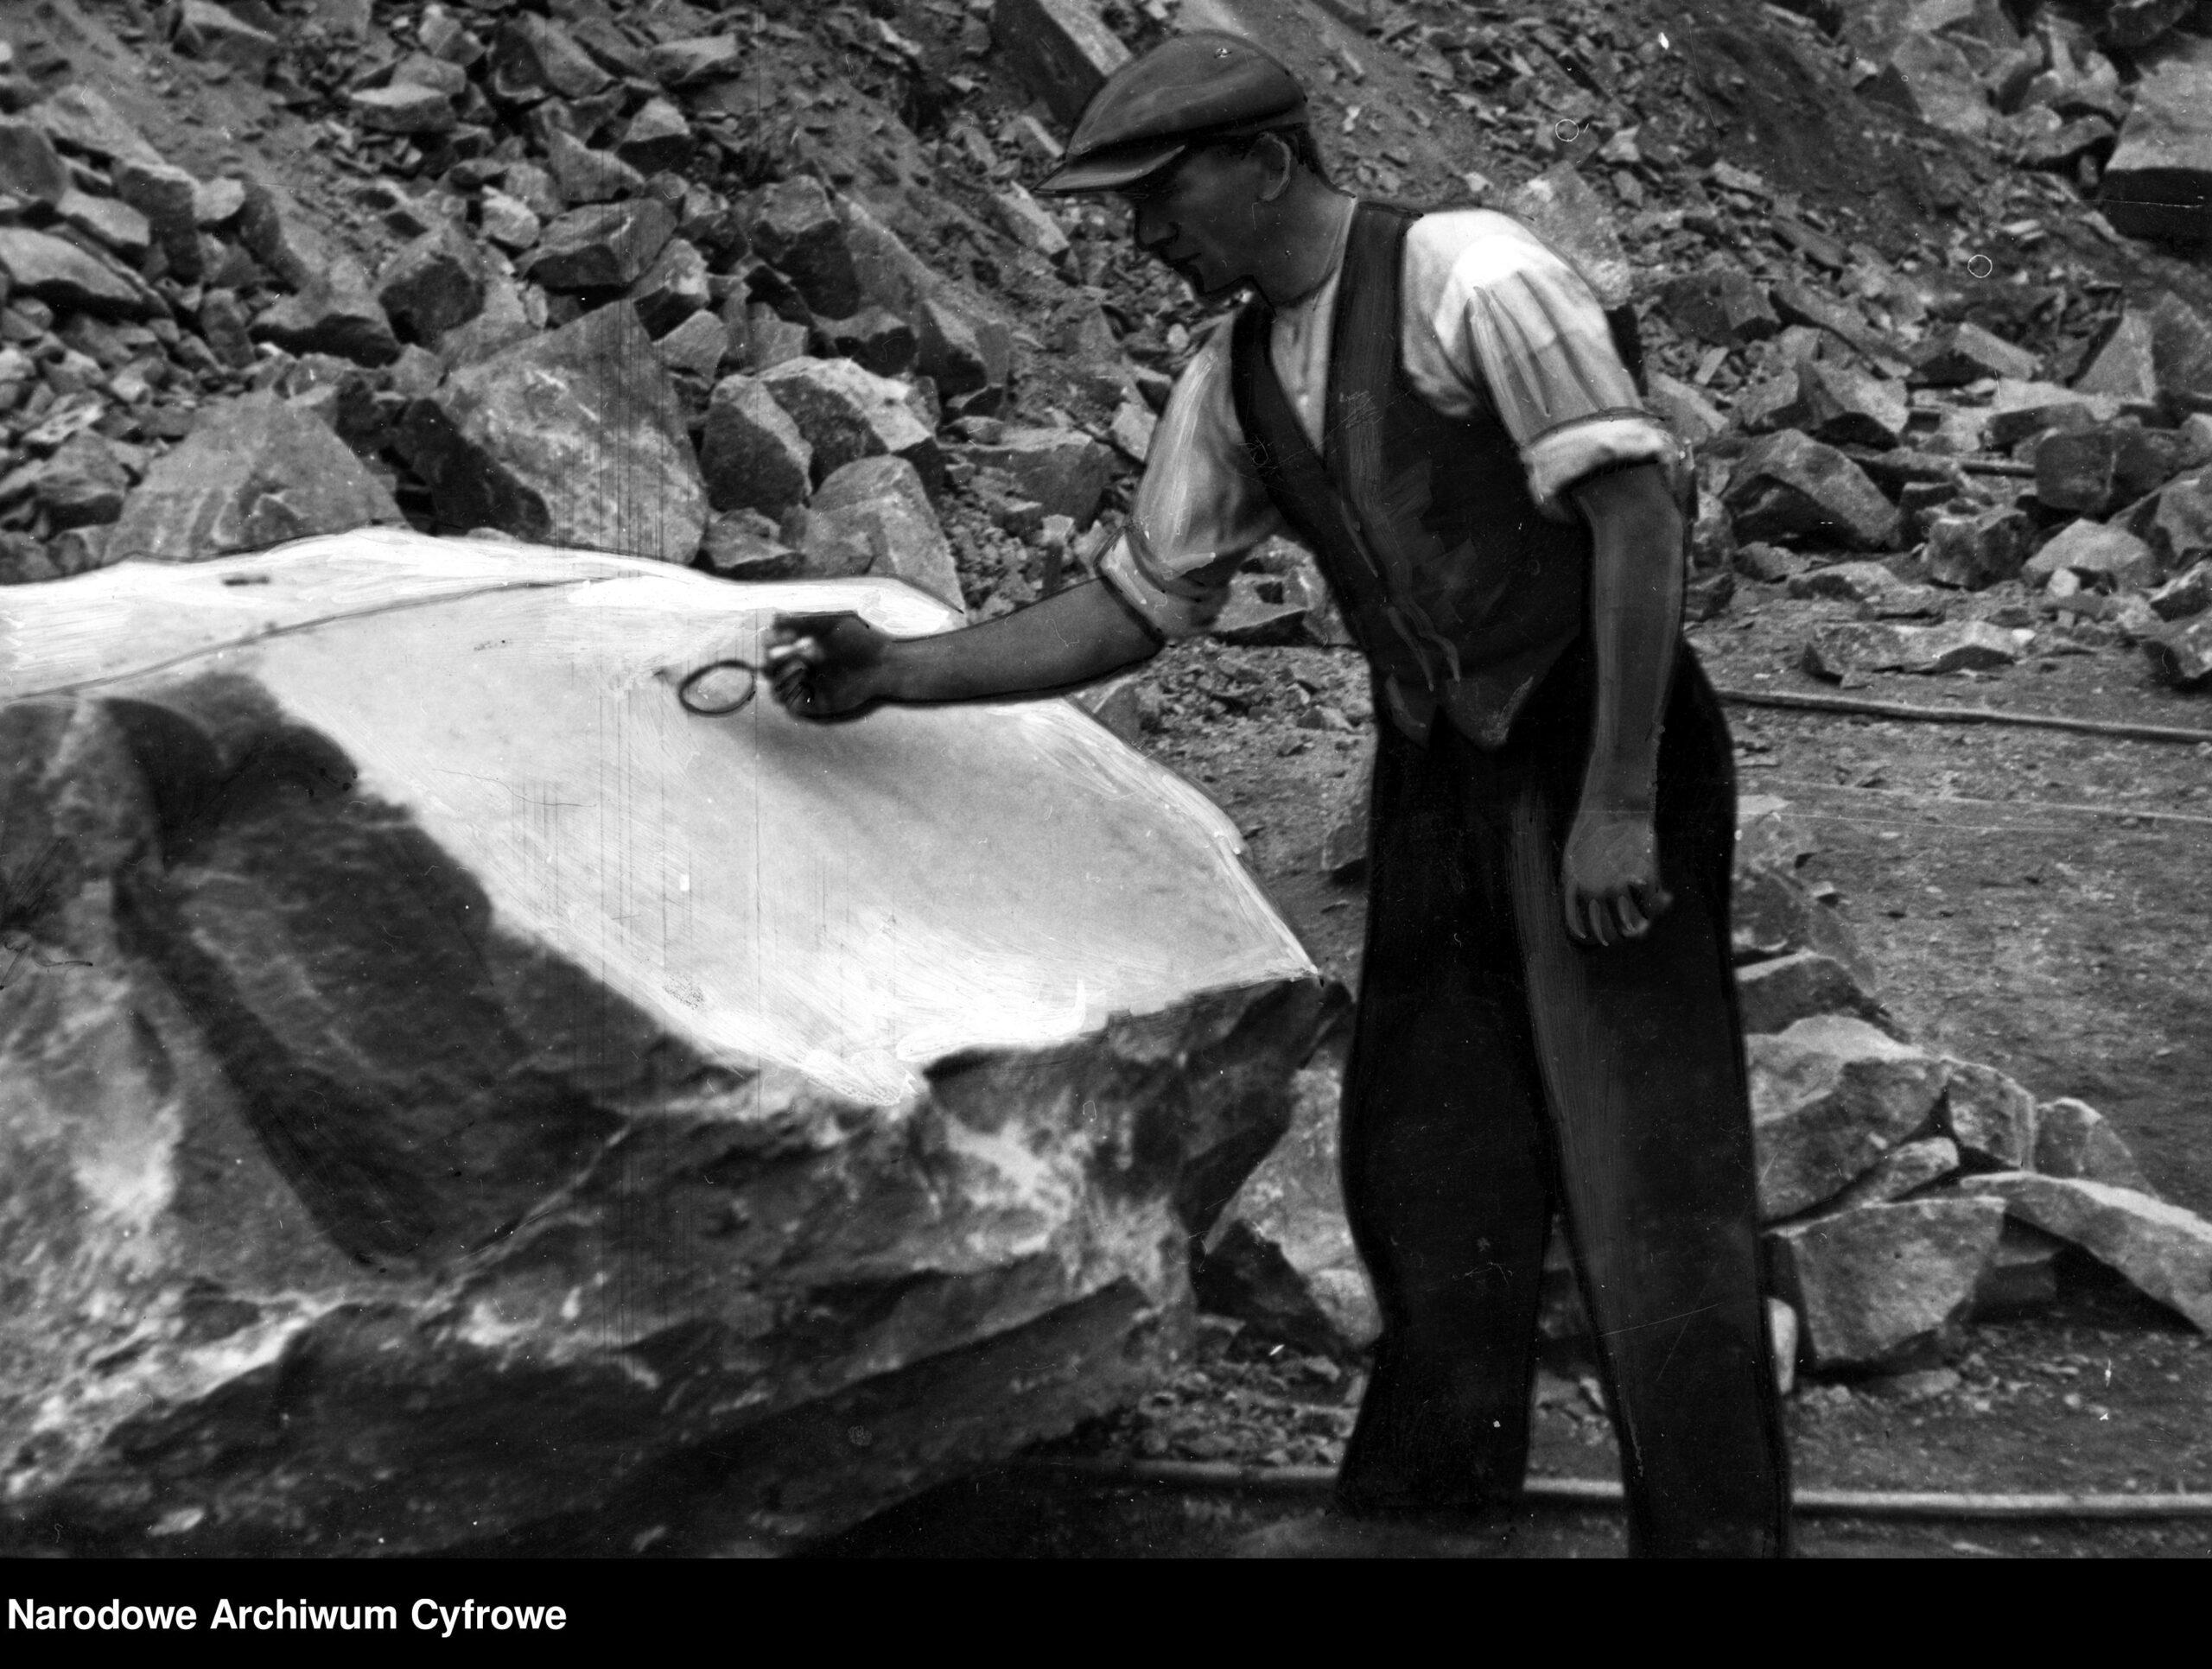 pracownik kamieniołomu podpala lont nakamieniu skalnym 1937